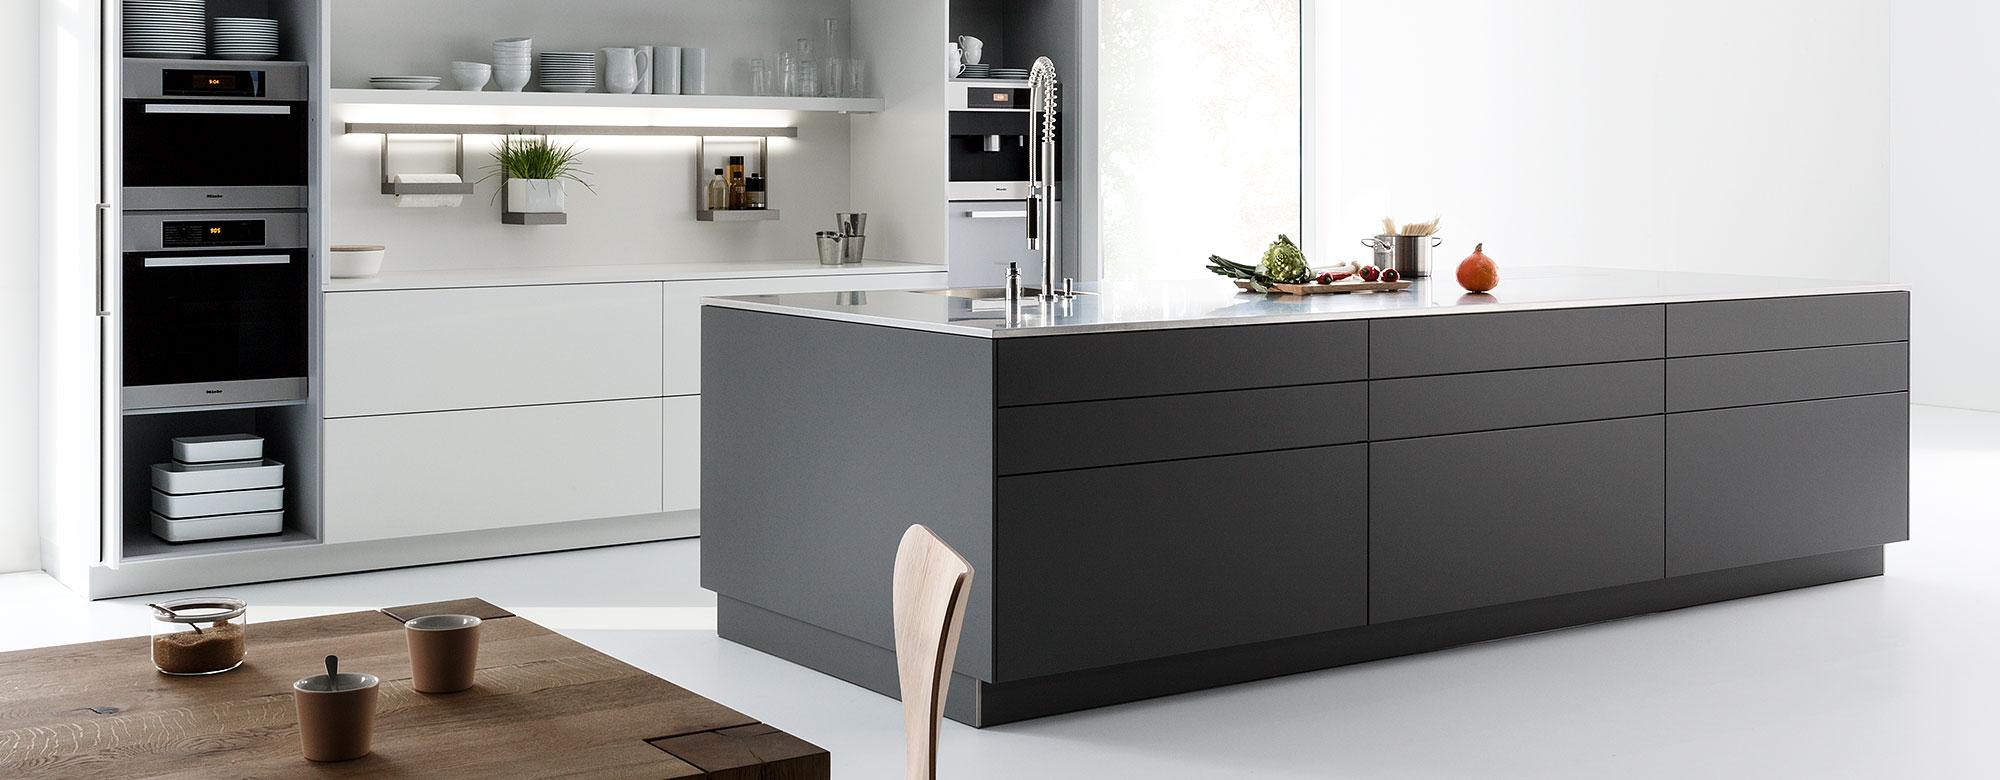 Schön Kücheninsel Lampenhöhe Fotos - Ideen Für Die Küche Dekoration ...